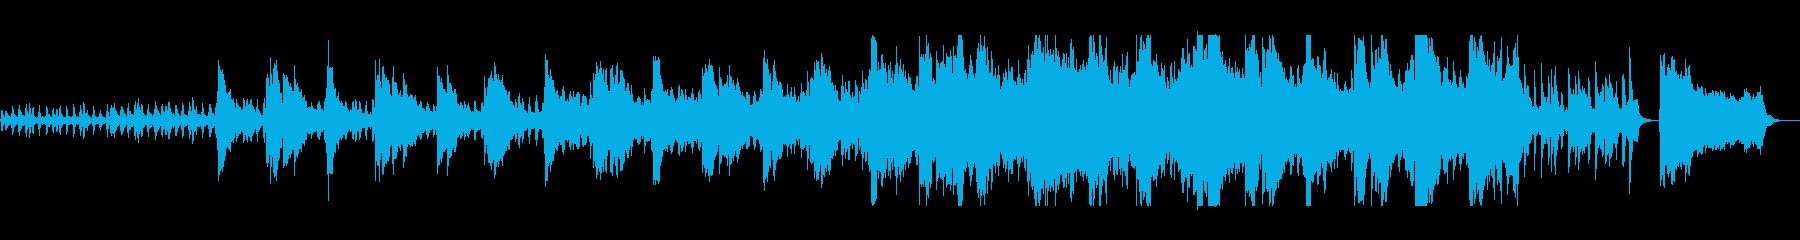 リズム感が強いストリング行進曲の再生済みの波形